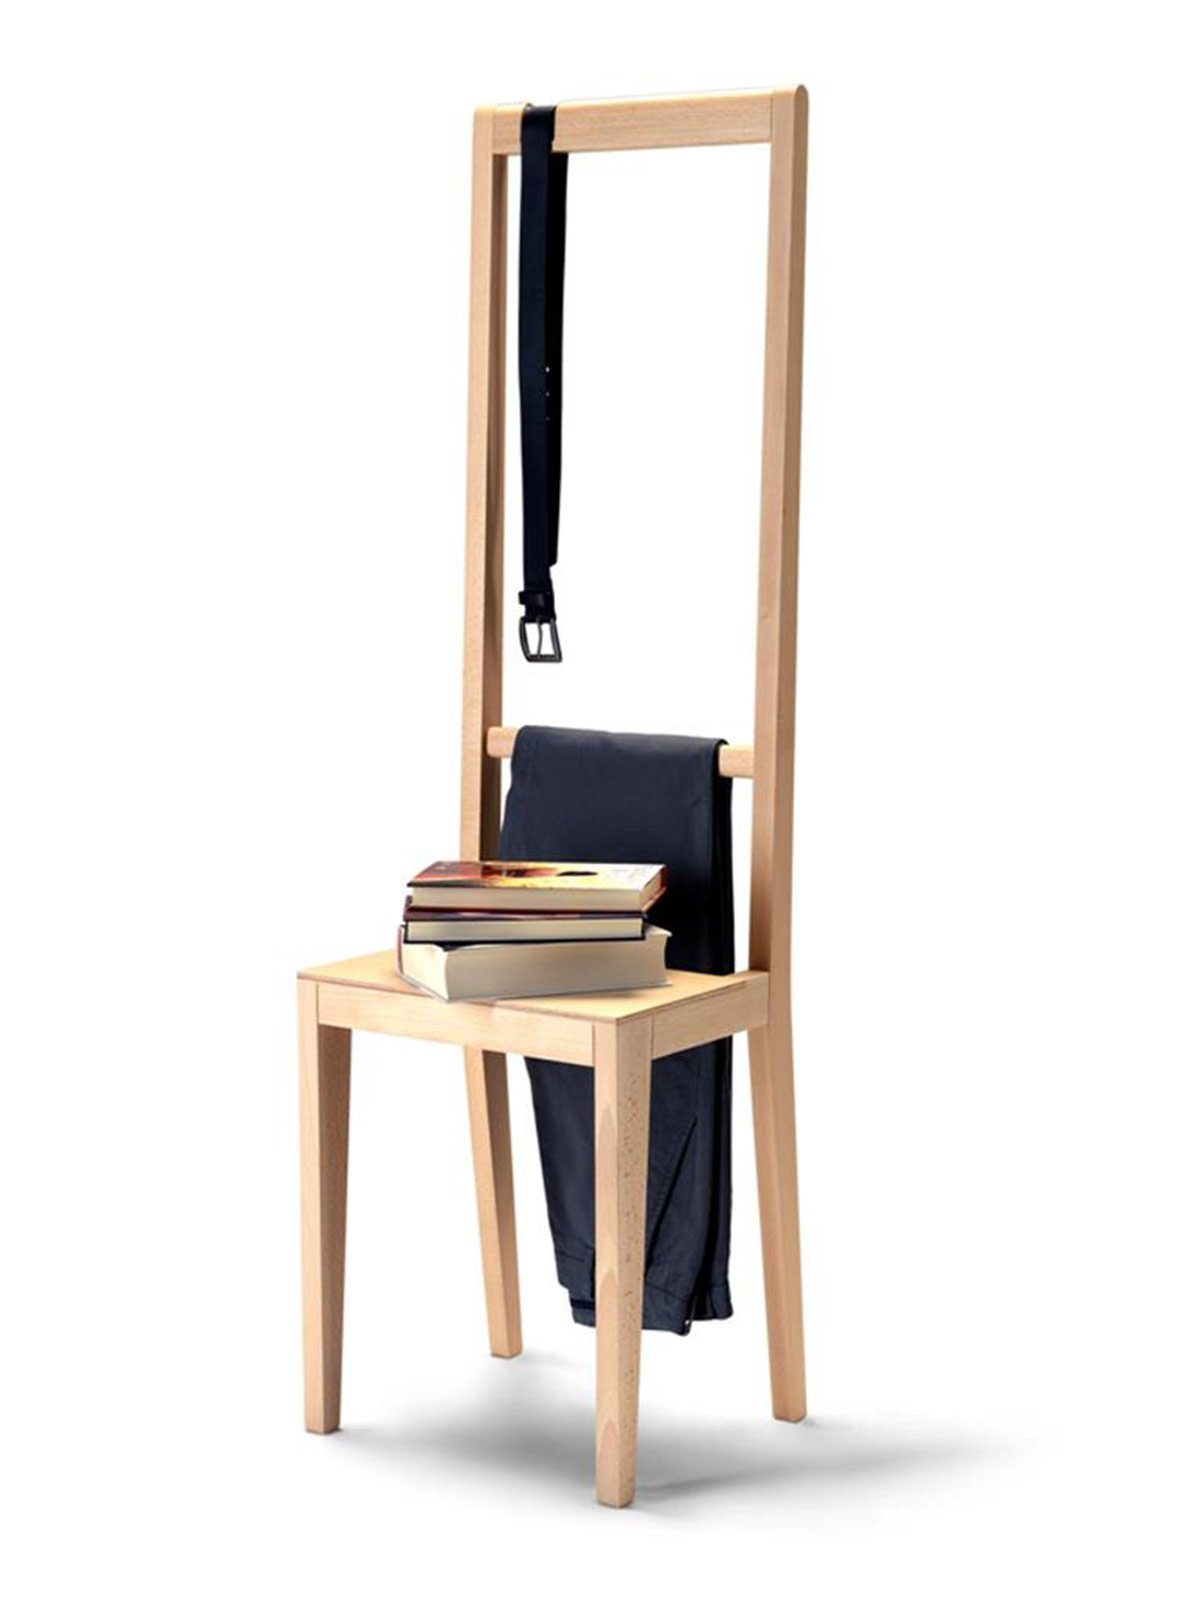 Console per sfruttare bene lo spazio cose di casa - Valet de chambre design ...